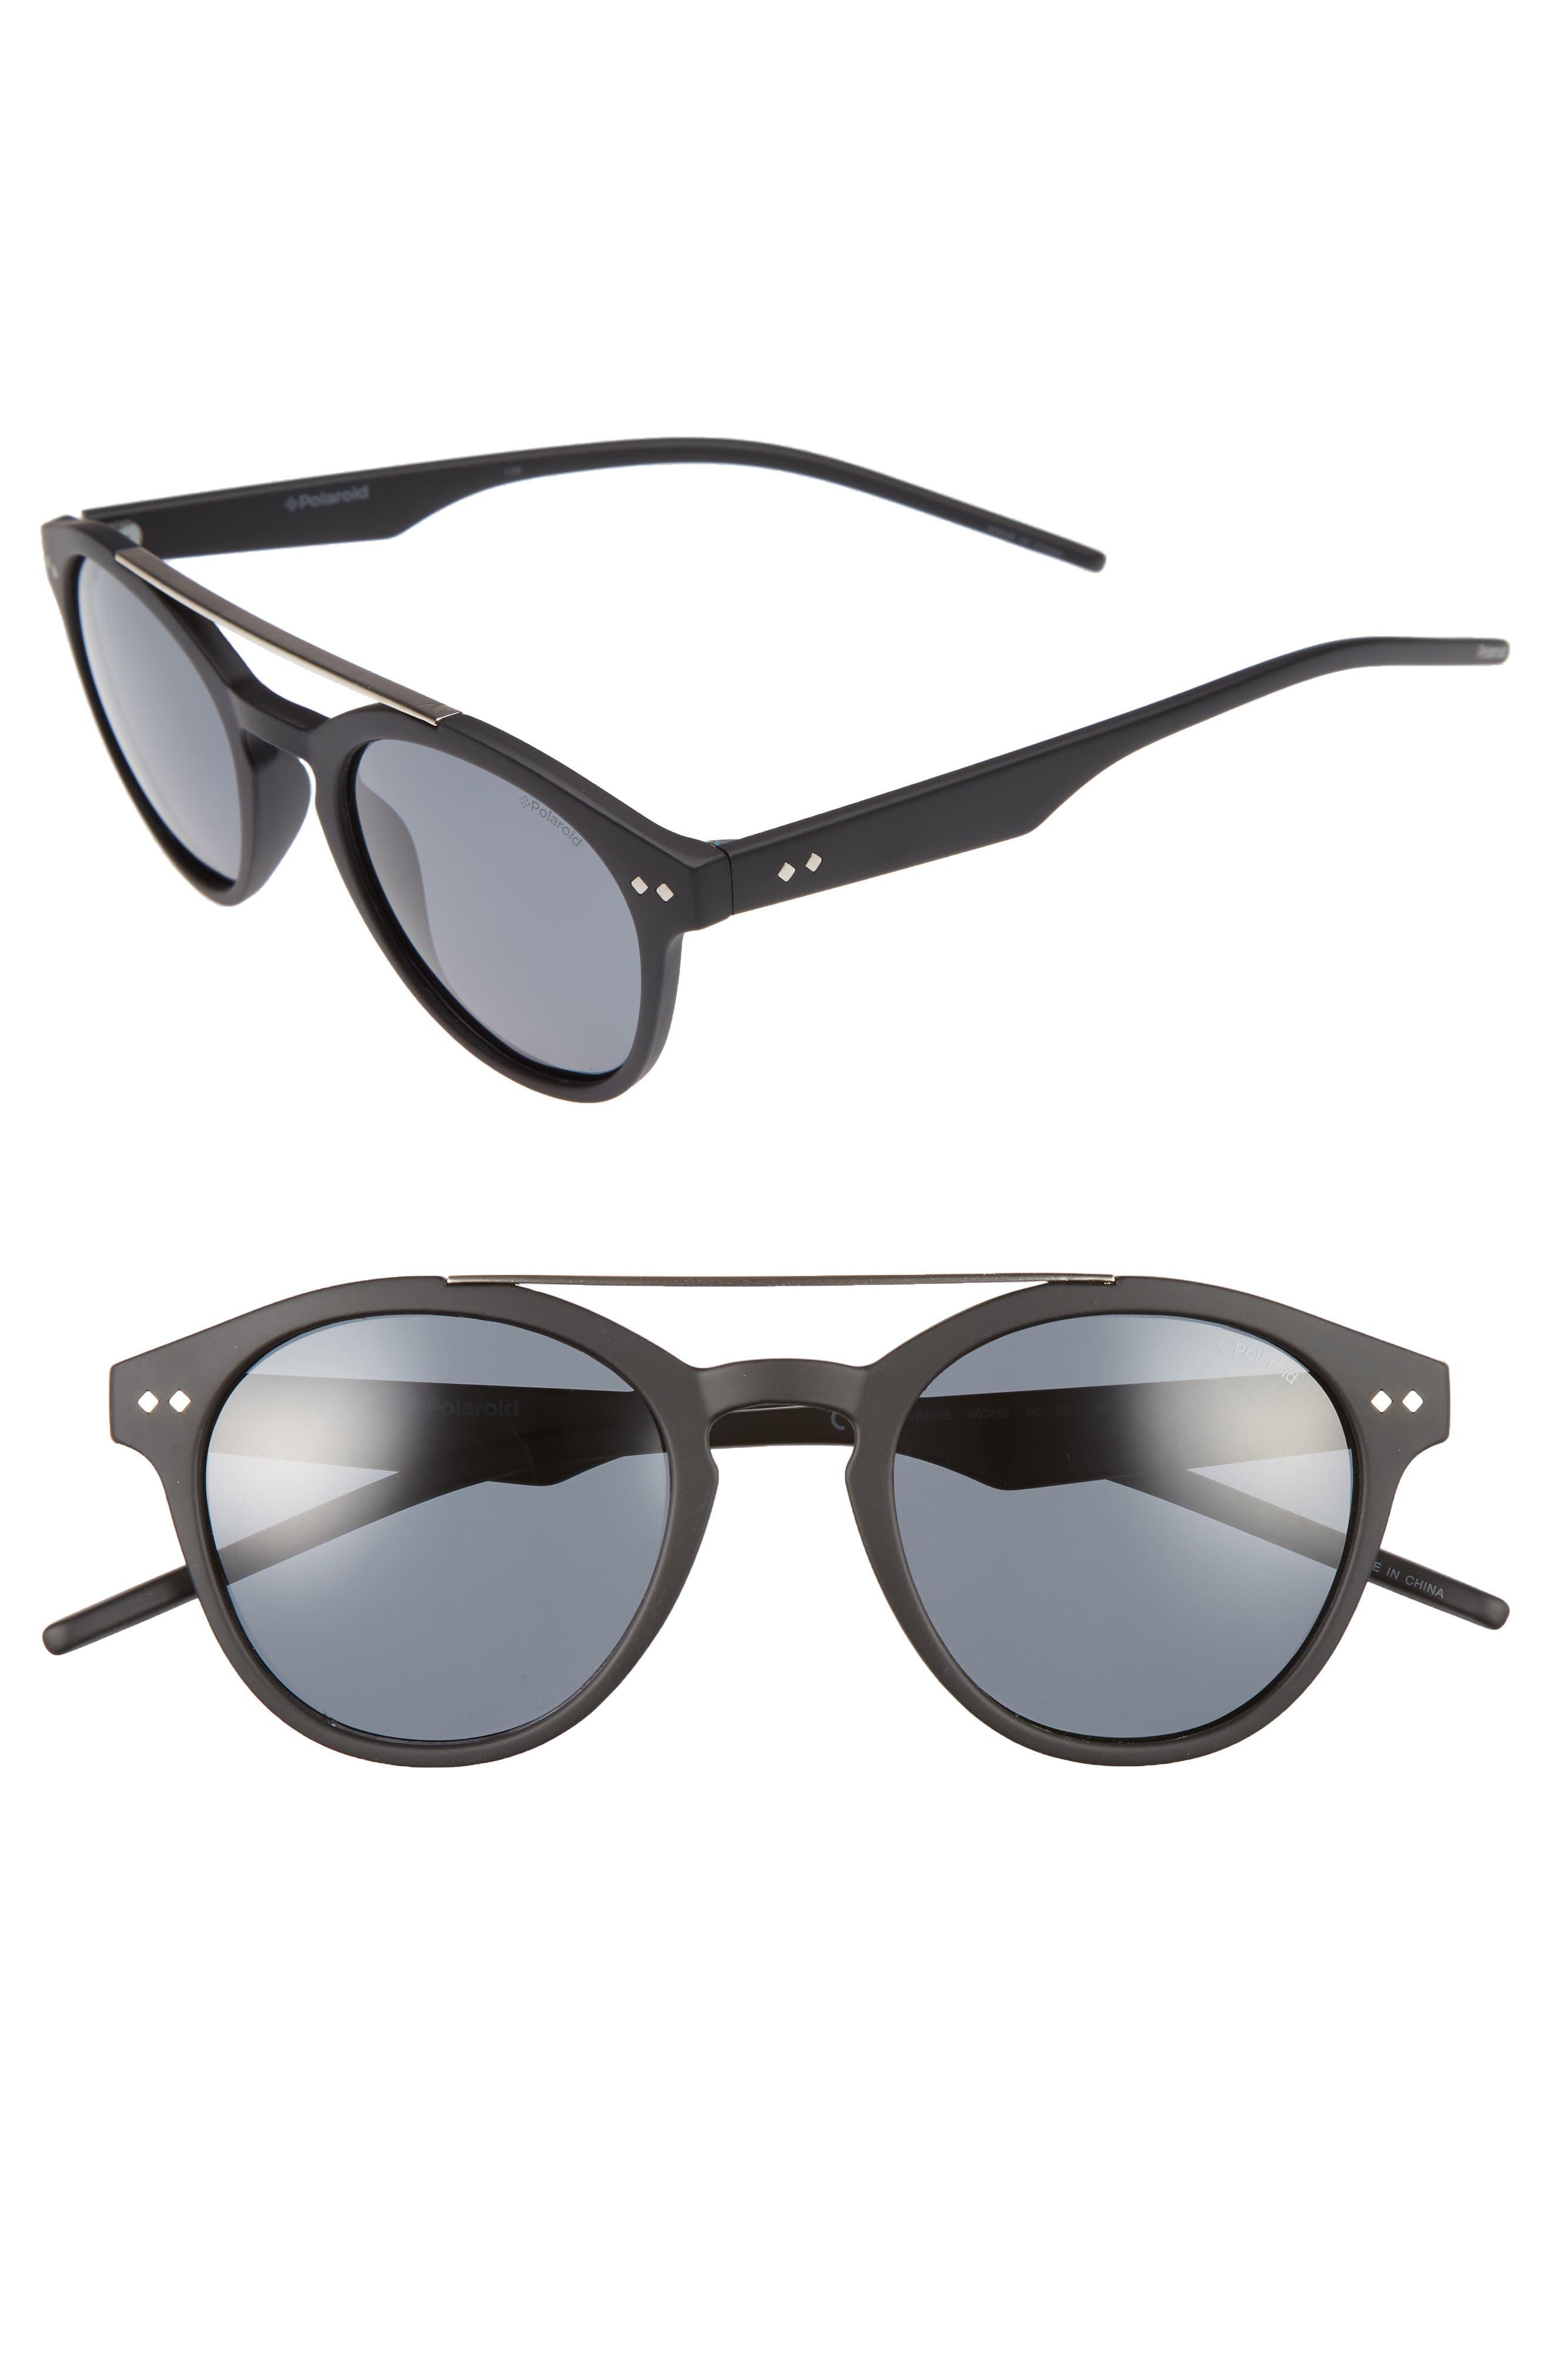 50mm Polarized Retro Sunglasses,                         Main,                         color, 001